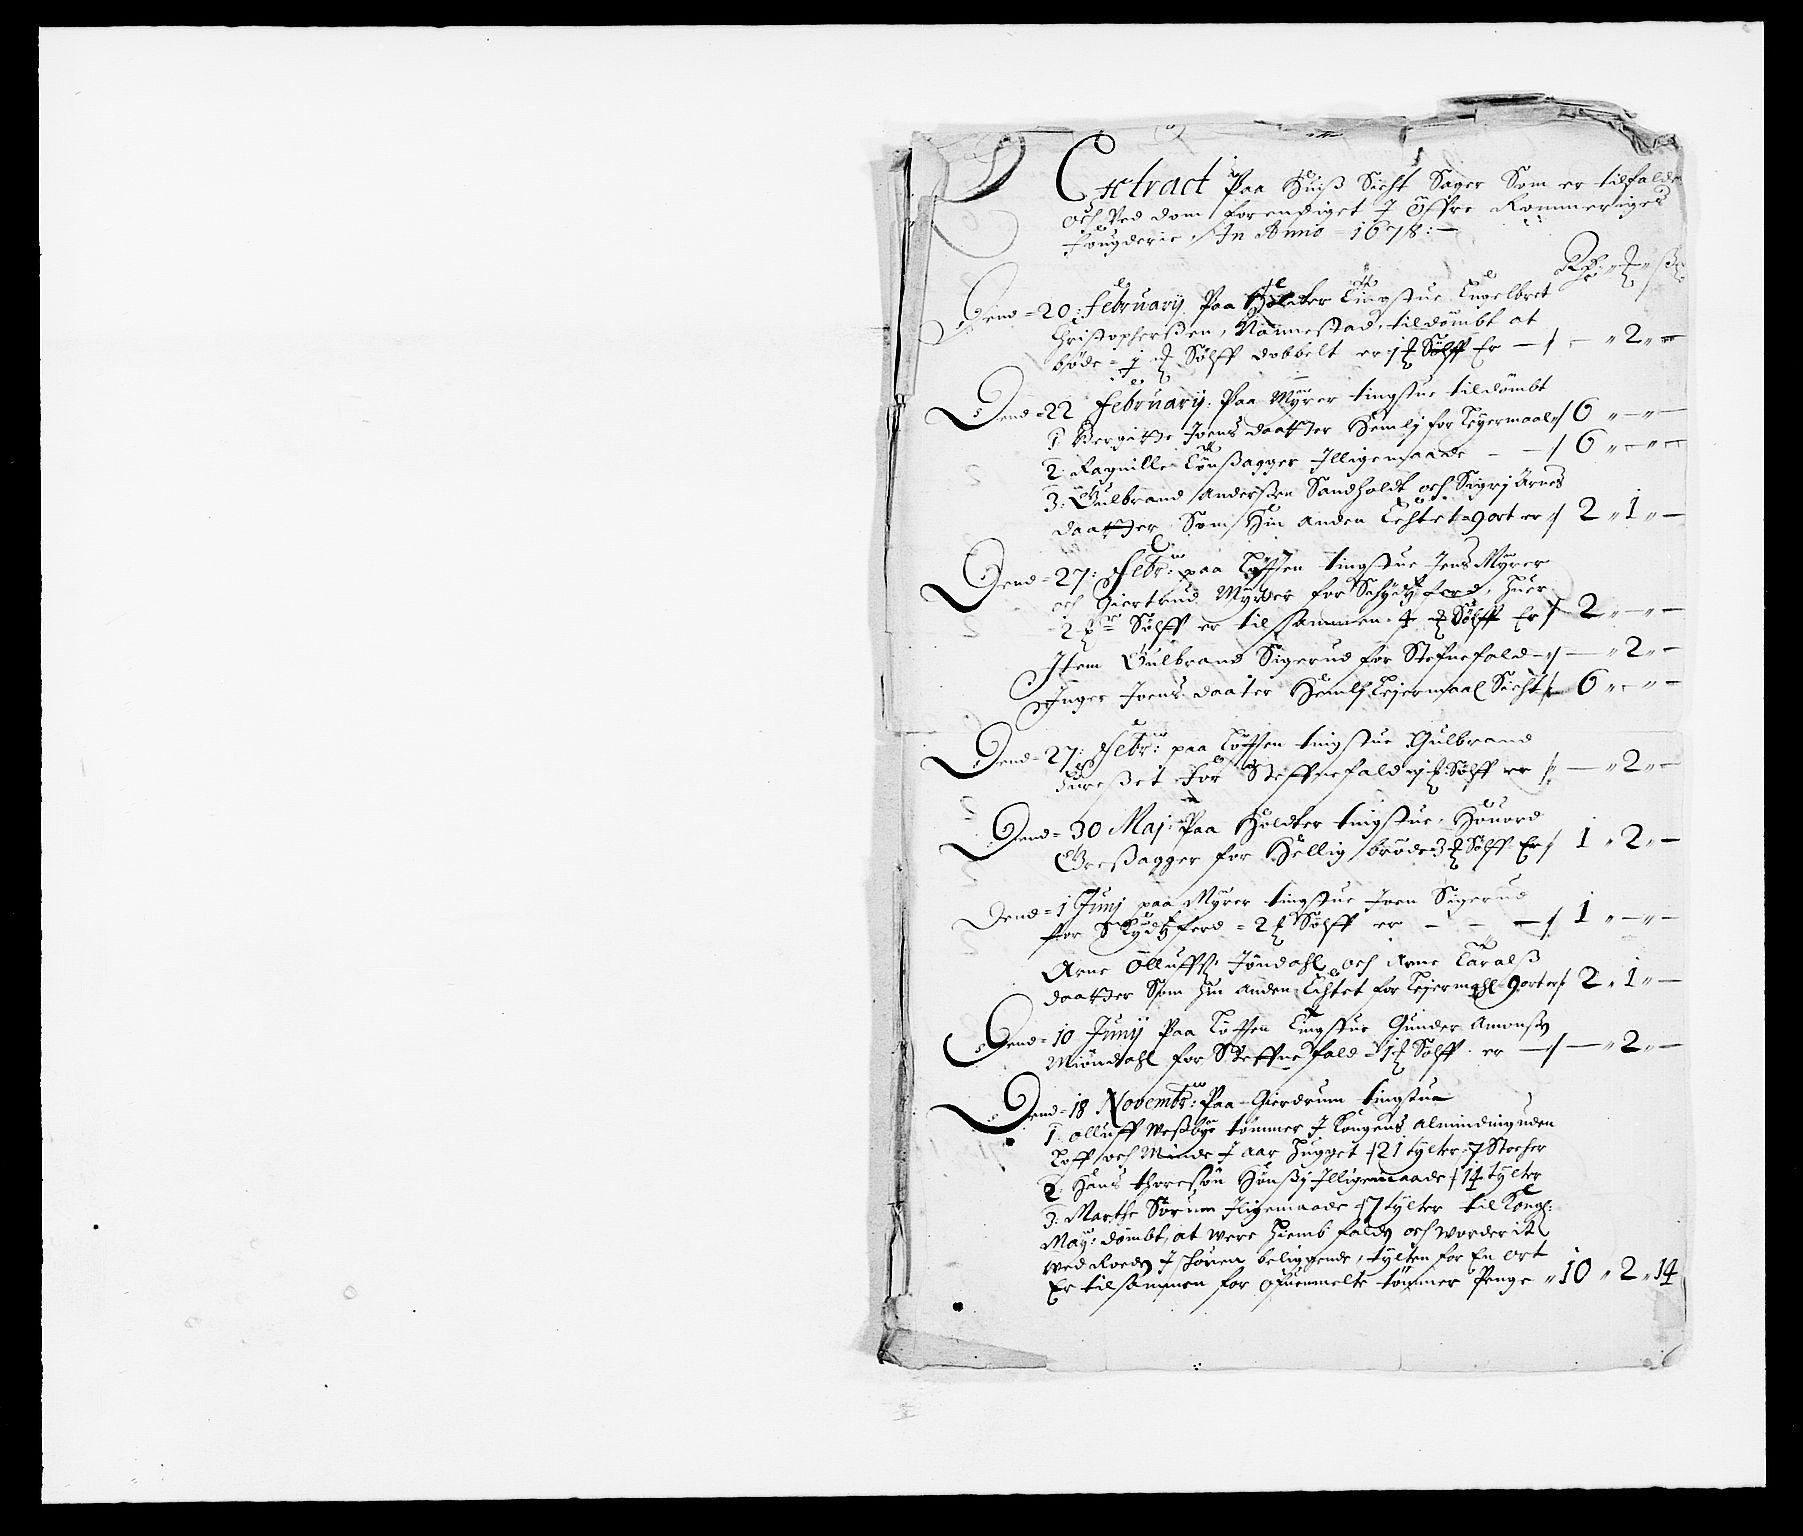 RA, Rentekammeret inntil 1814, Reviderte regnskaper, Fogderegnskap, R12/L0693: Fogderegnskap Øvre Romerike, 1678-1679, s. 142